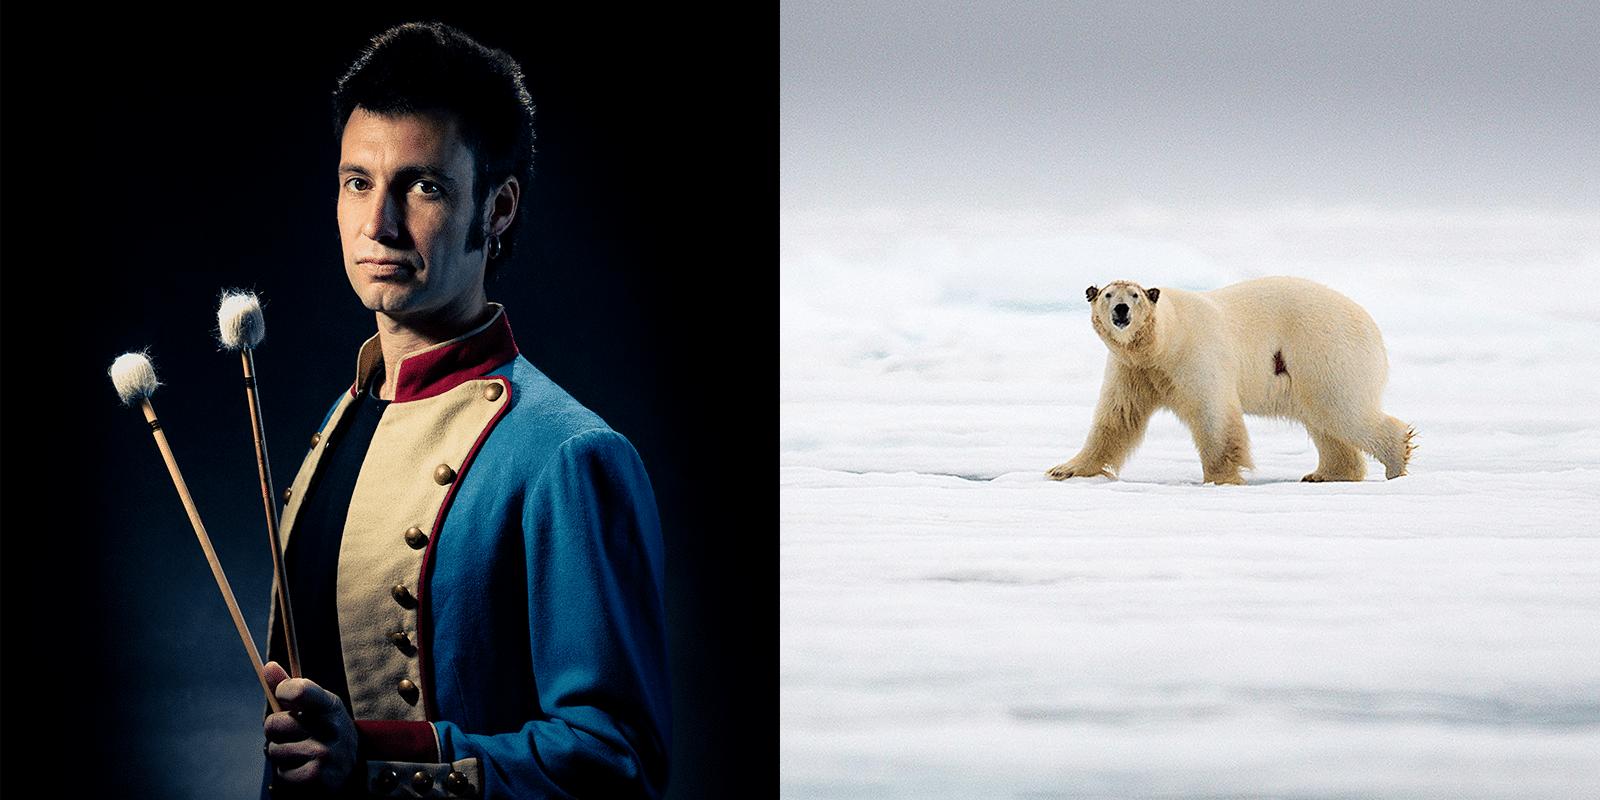 Soloma et un ours polaire